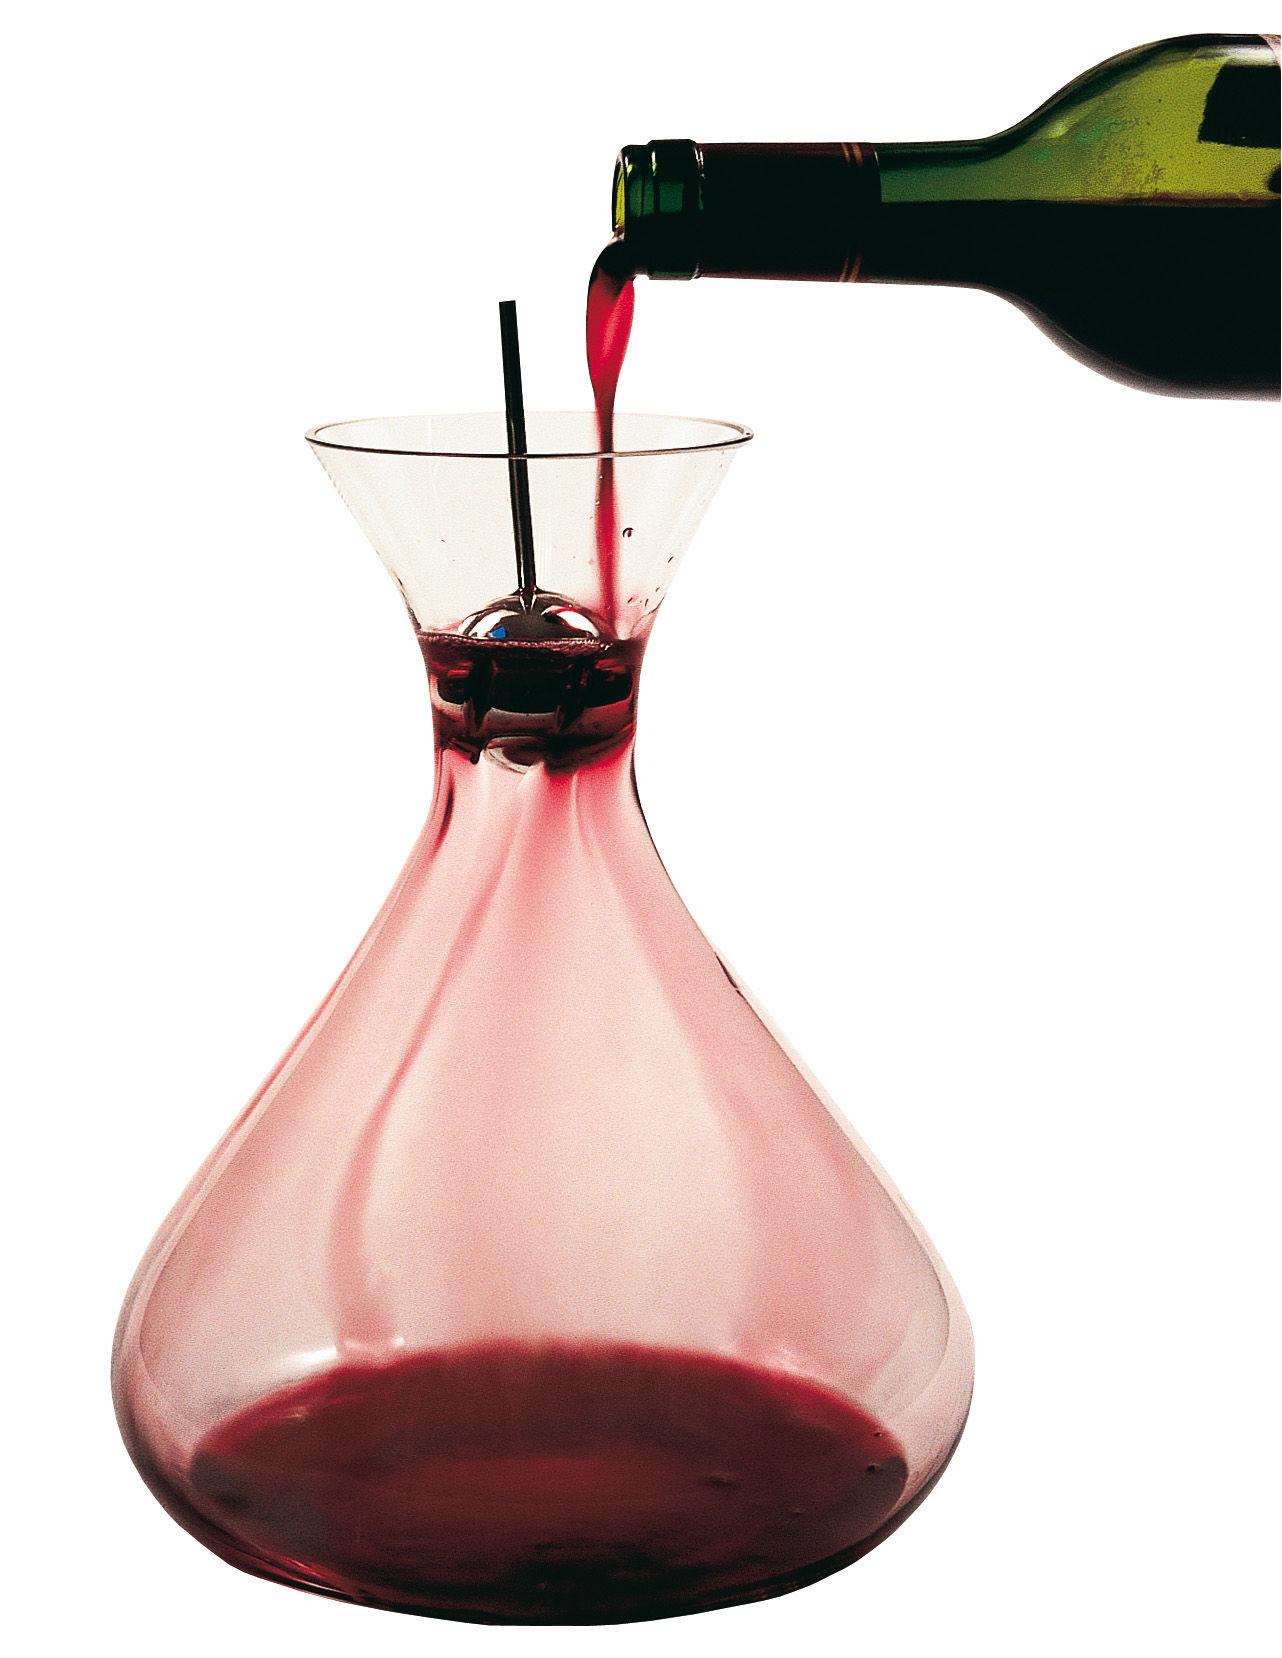 Tavola - Caraffe e Decantatori - Decantatore Developer 1 di L'Atelier du Vin - Trasparente/Acciaio - Acciaio inossidabile, Cristallo soffiato a bocca